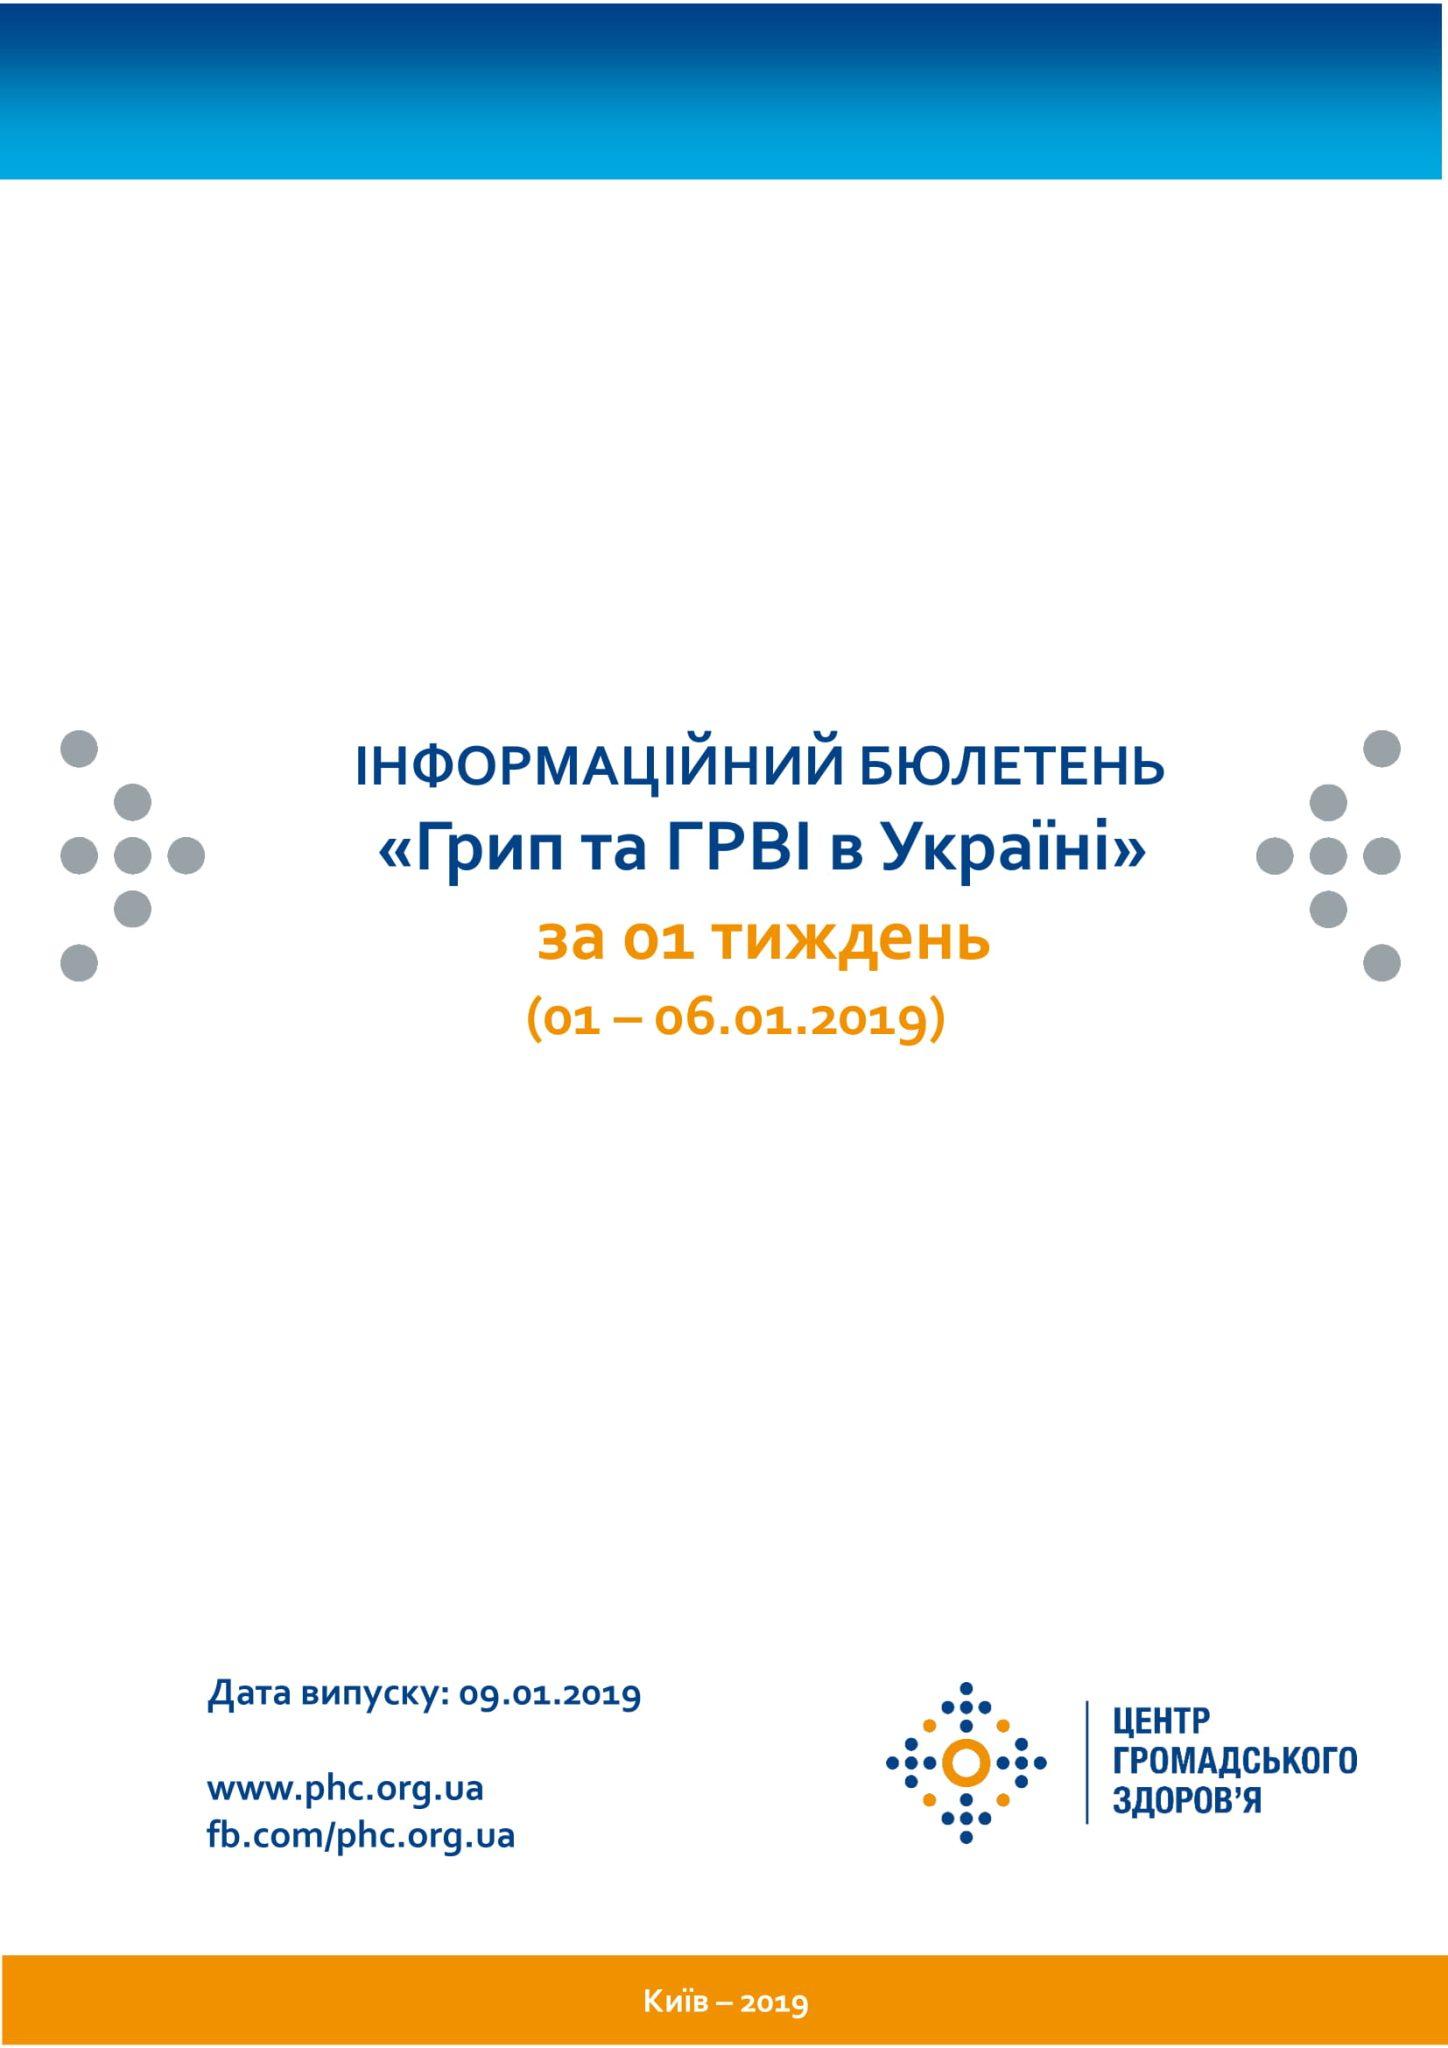 Стан захворюваності на грип в Україні на перший тиждень 2019 року